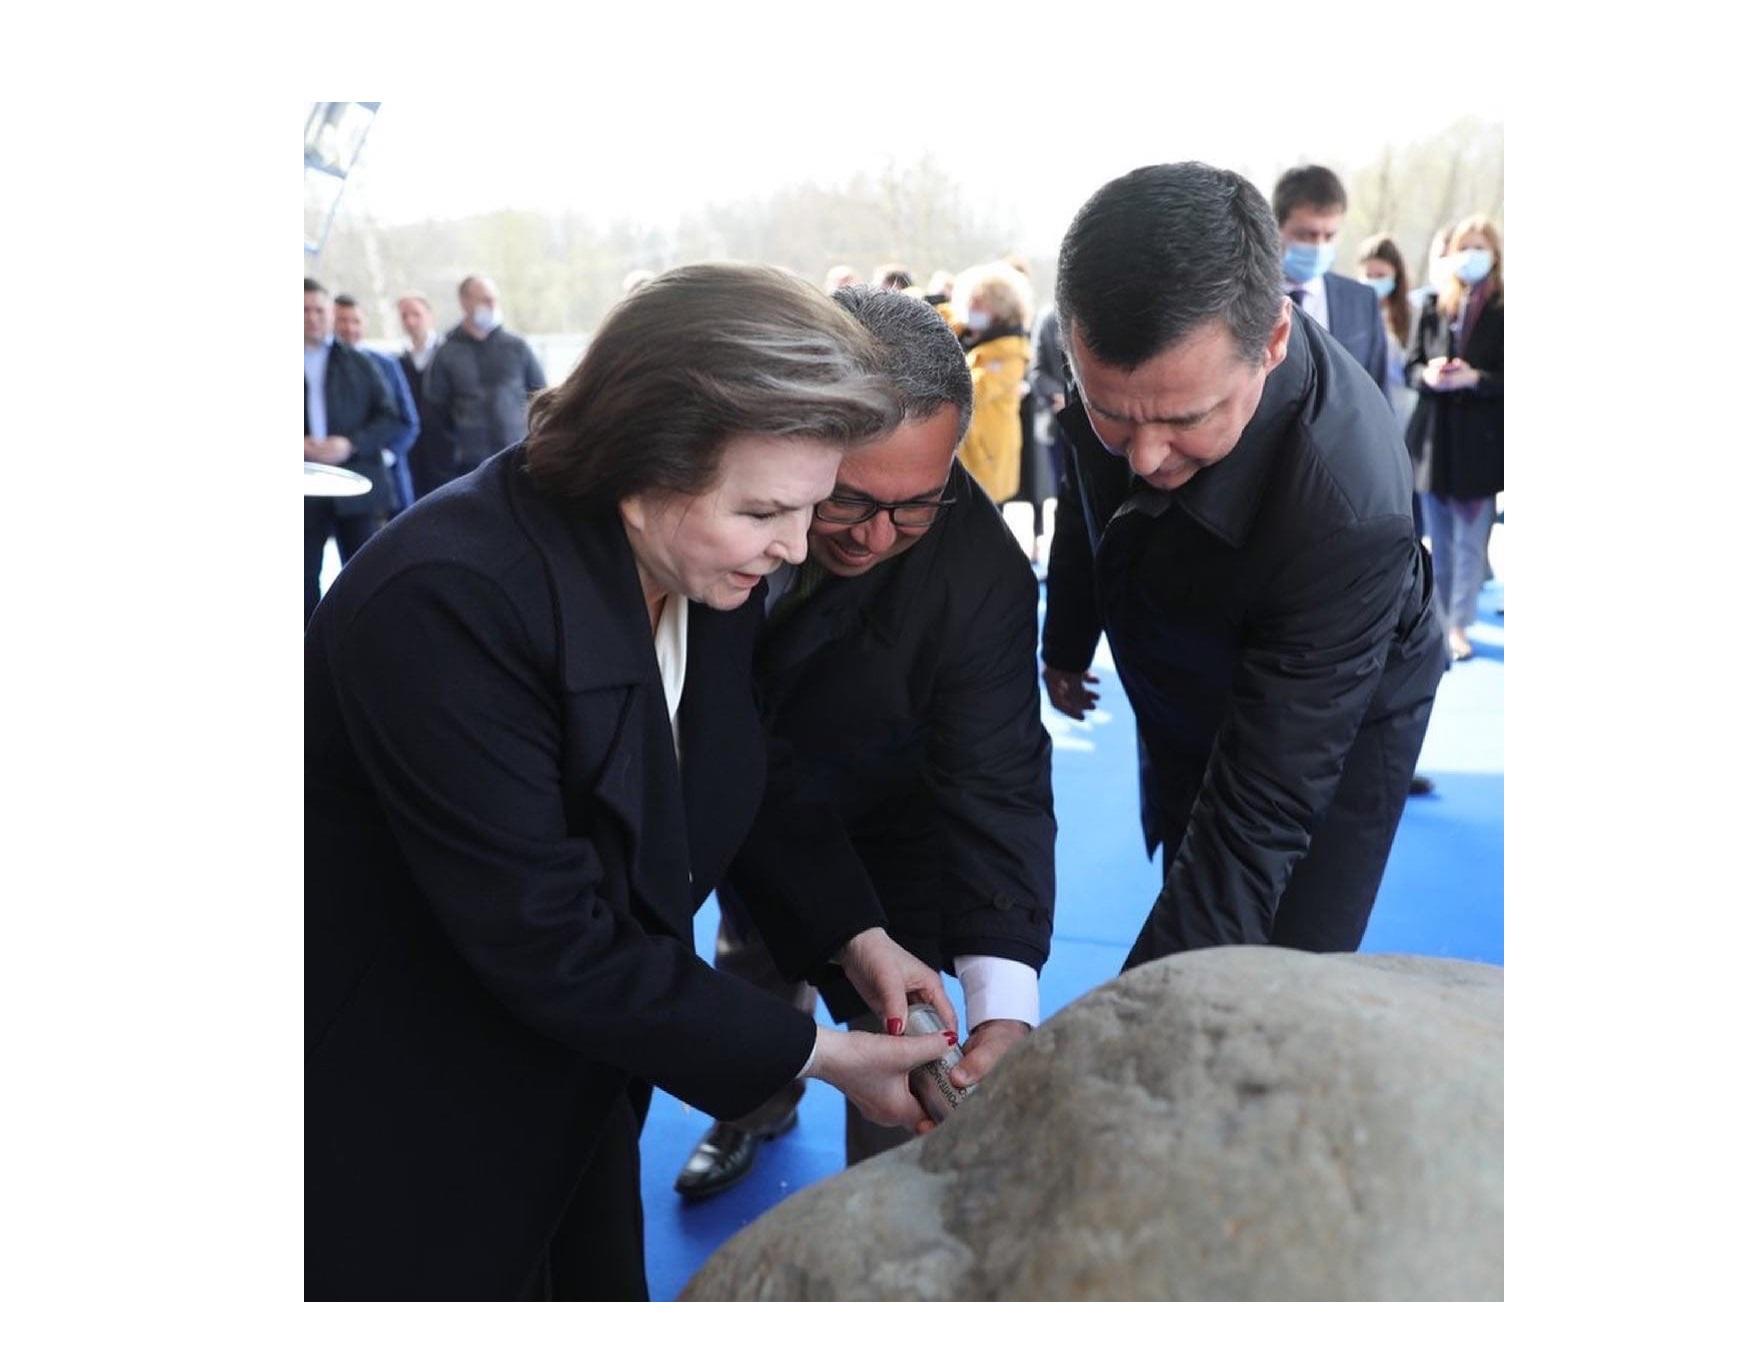 Дмитрий Миронов заложил капсулу времени с посланием потомкам на месте строительства волейбольного центра в Ярославле